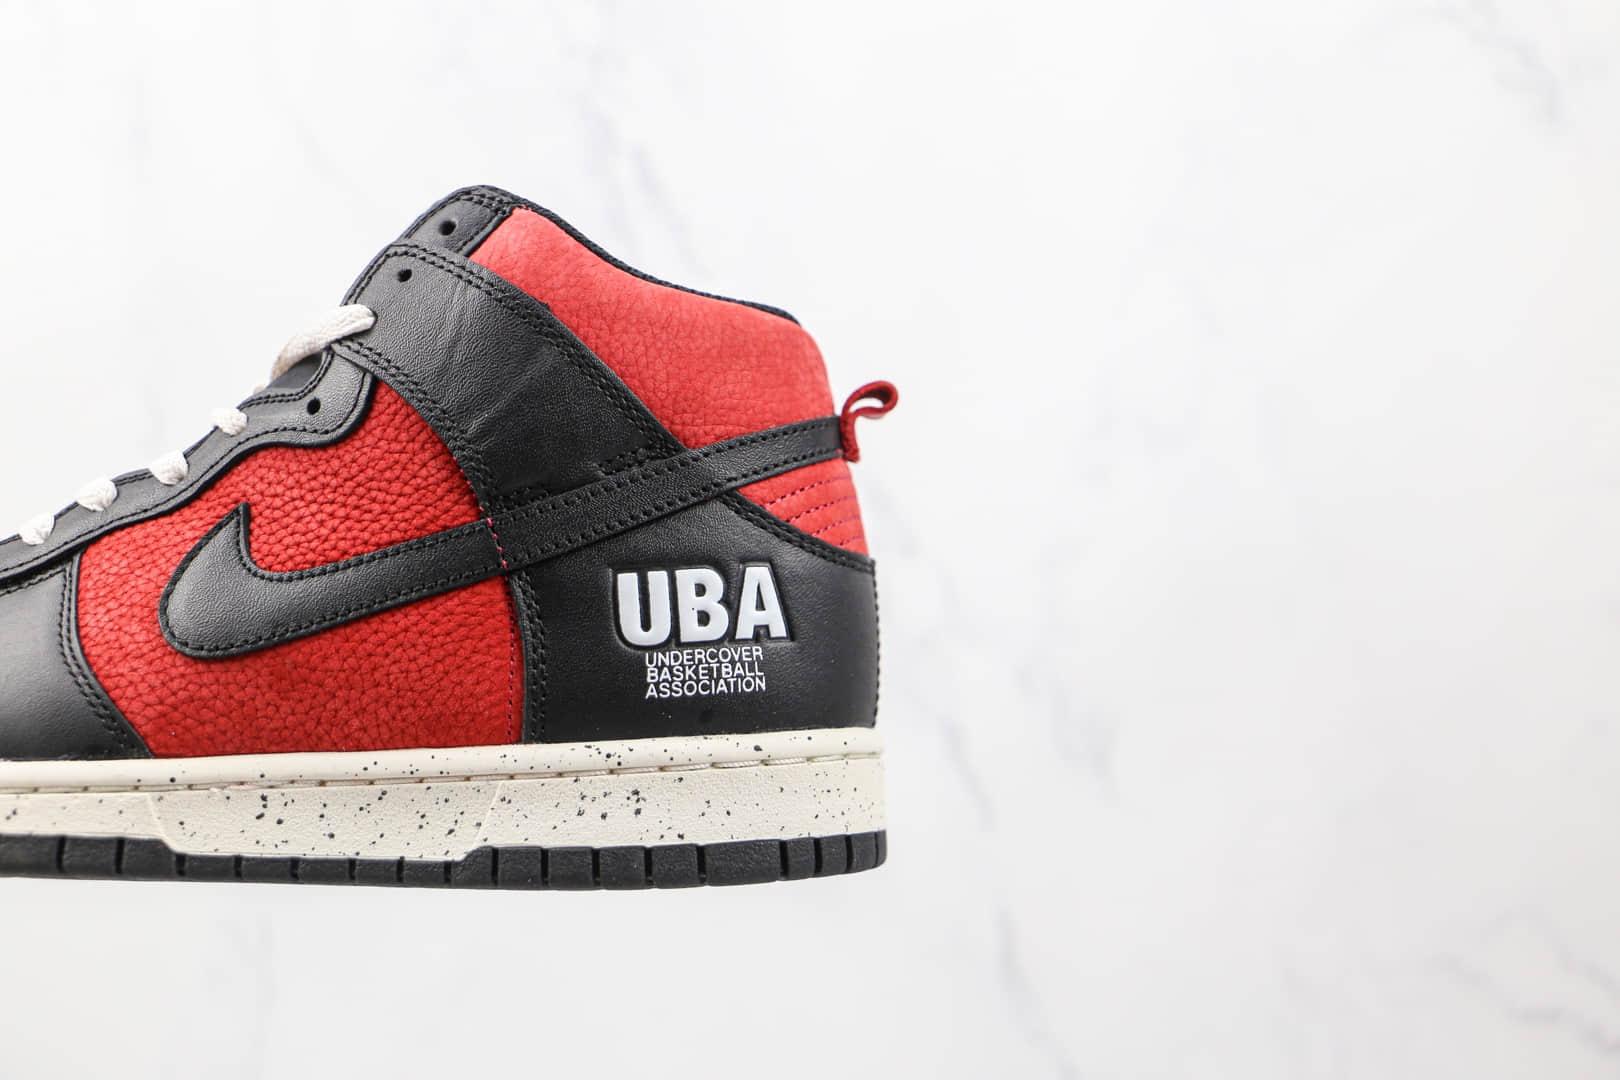 耐克Nike Dunk High UBA x Undercove联名款纯原版本高帮DUNK黑红UBA板鞋原档案数据开发 货号:DD9401-600